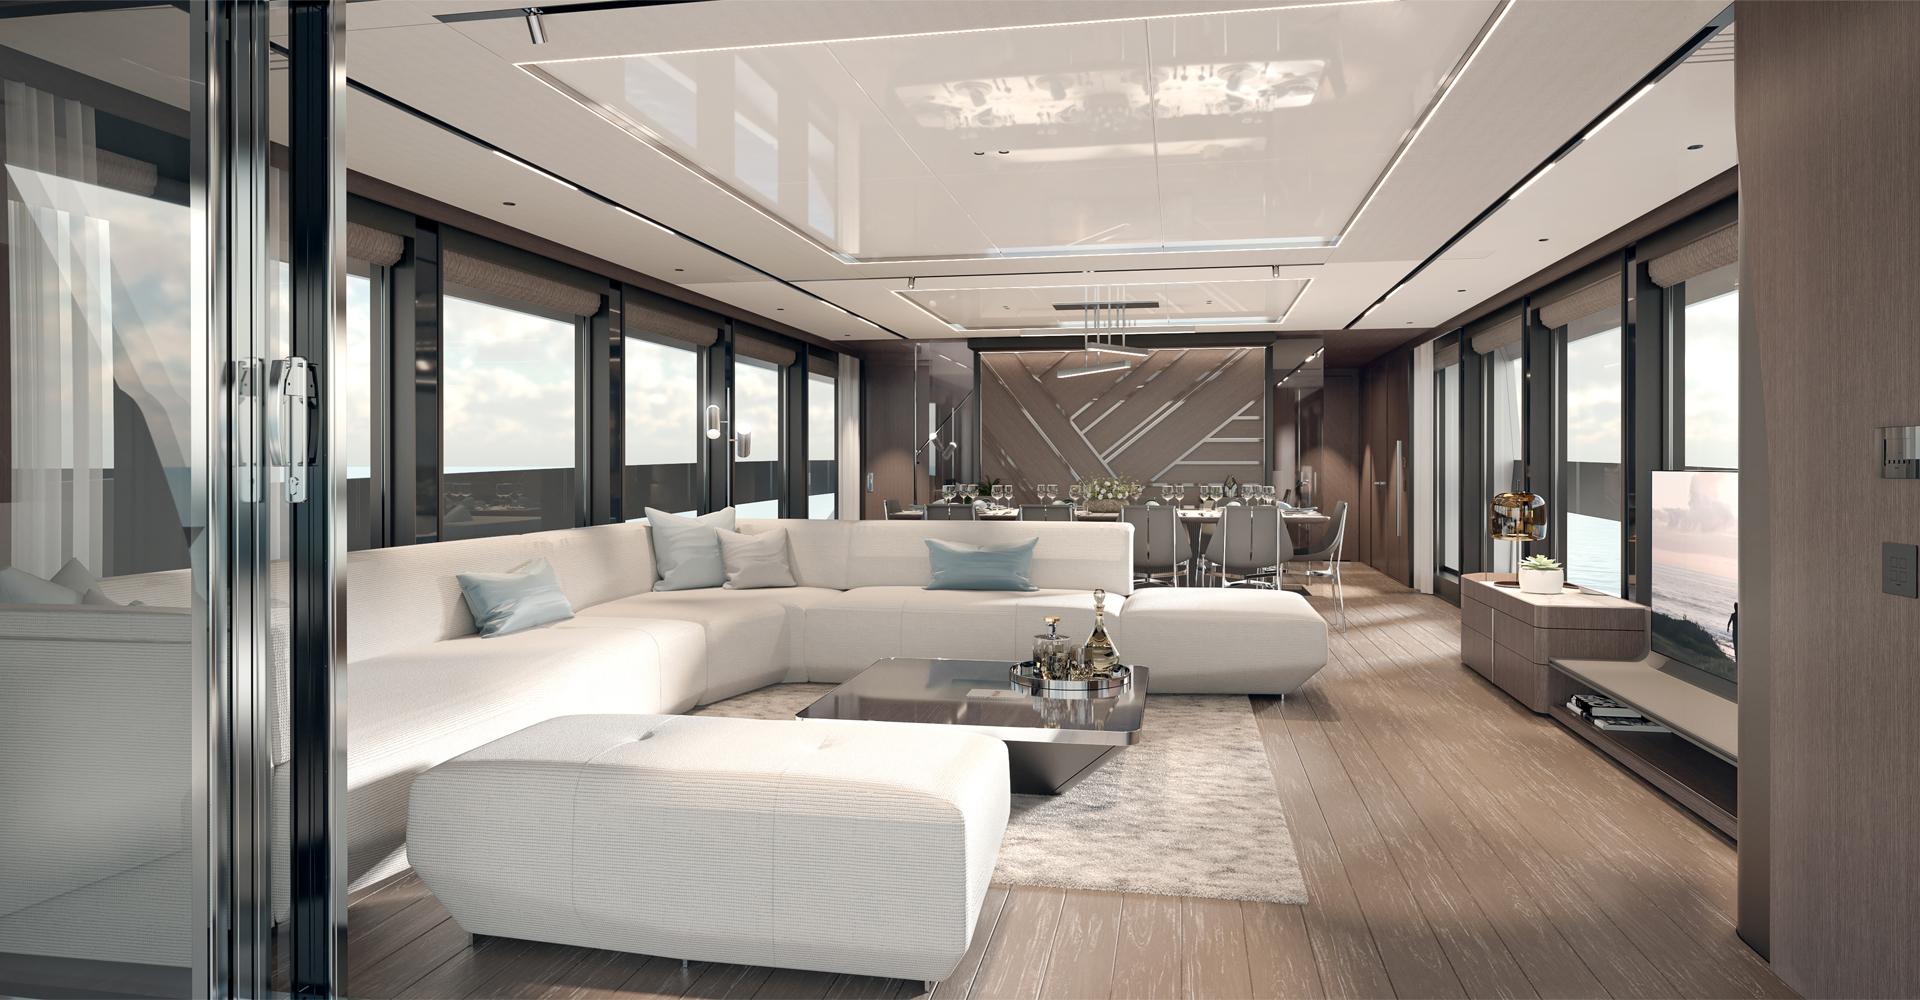 Luxury lifestyle aboard sunseeker 100 motoryacht